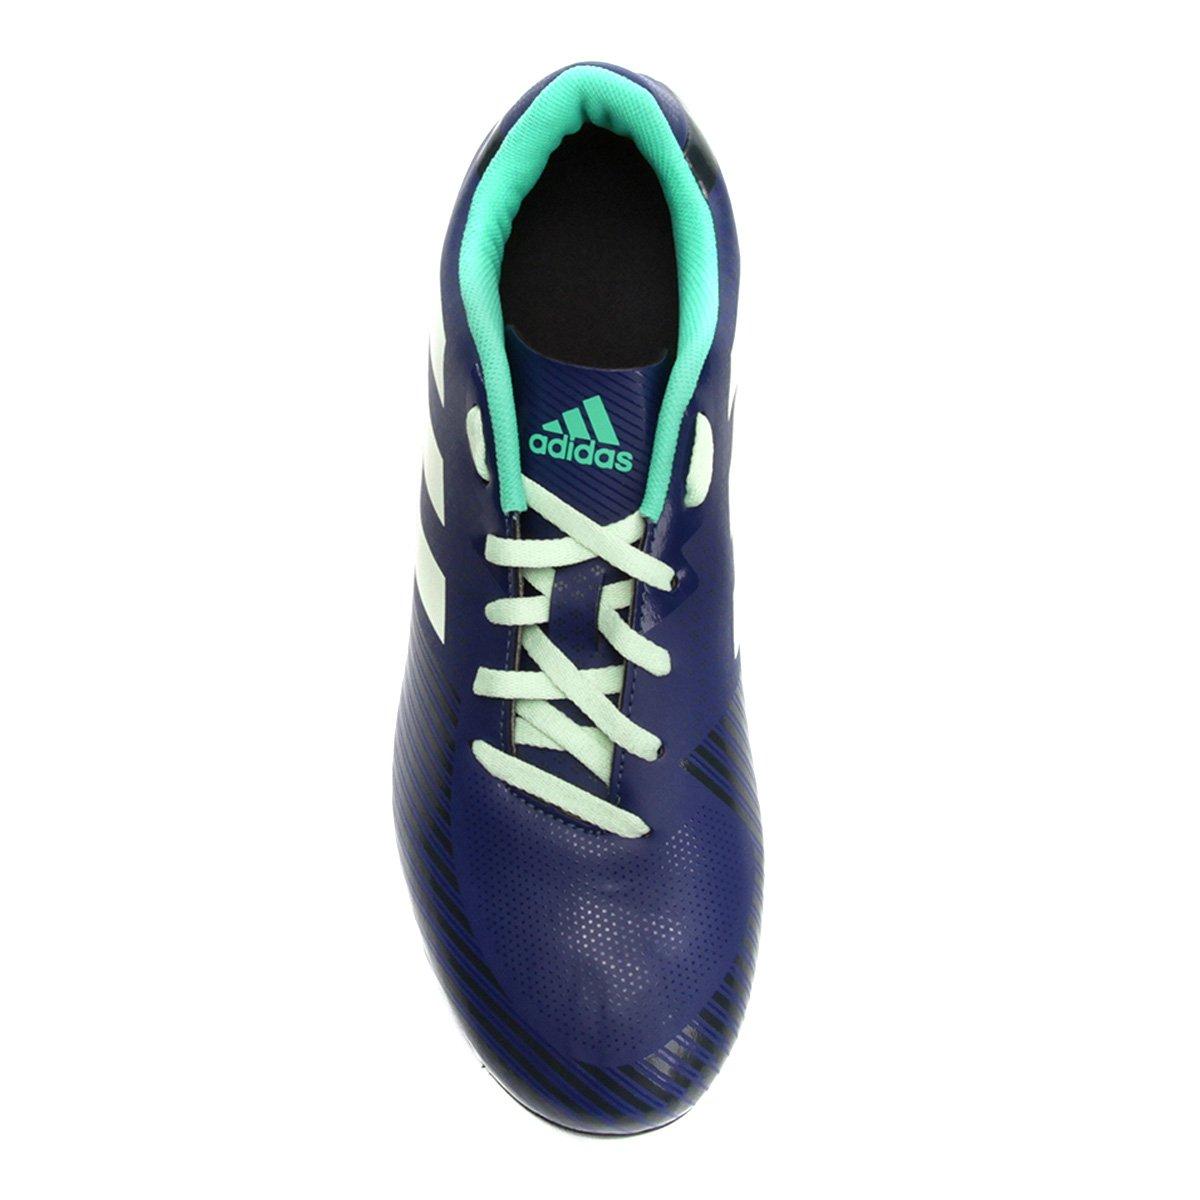 17bb7c8897 Chuteira Campo Adidas Artilheira 18 FXG - Azul e Verde - Compre ...